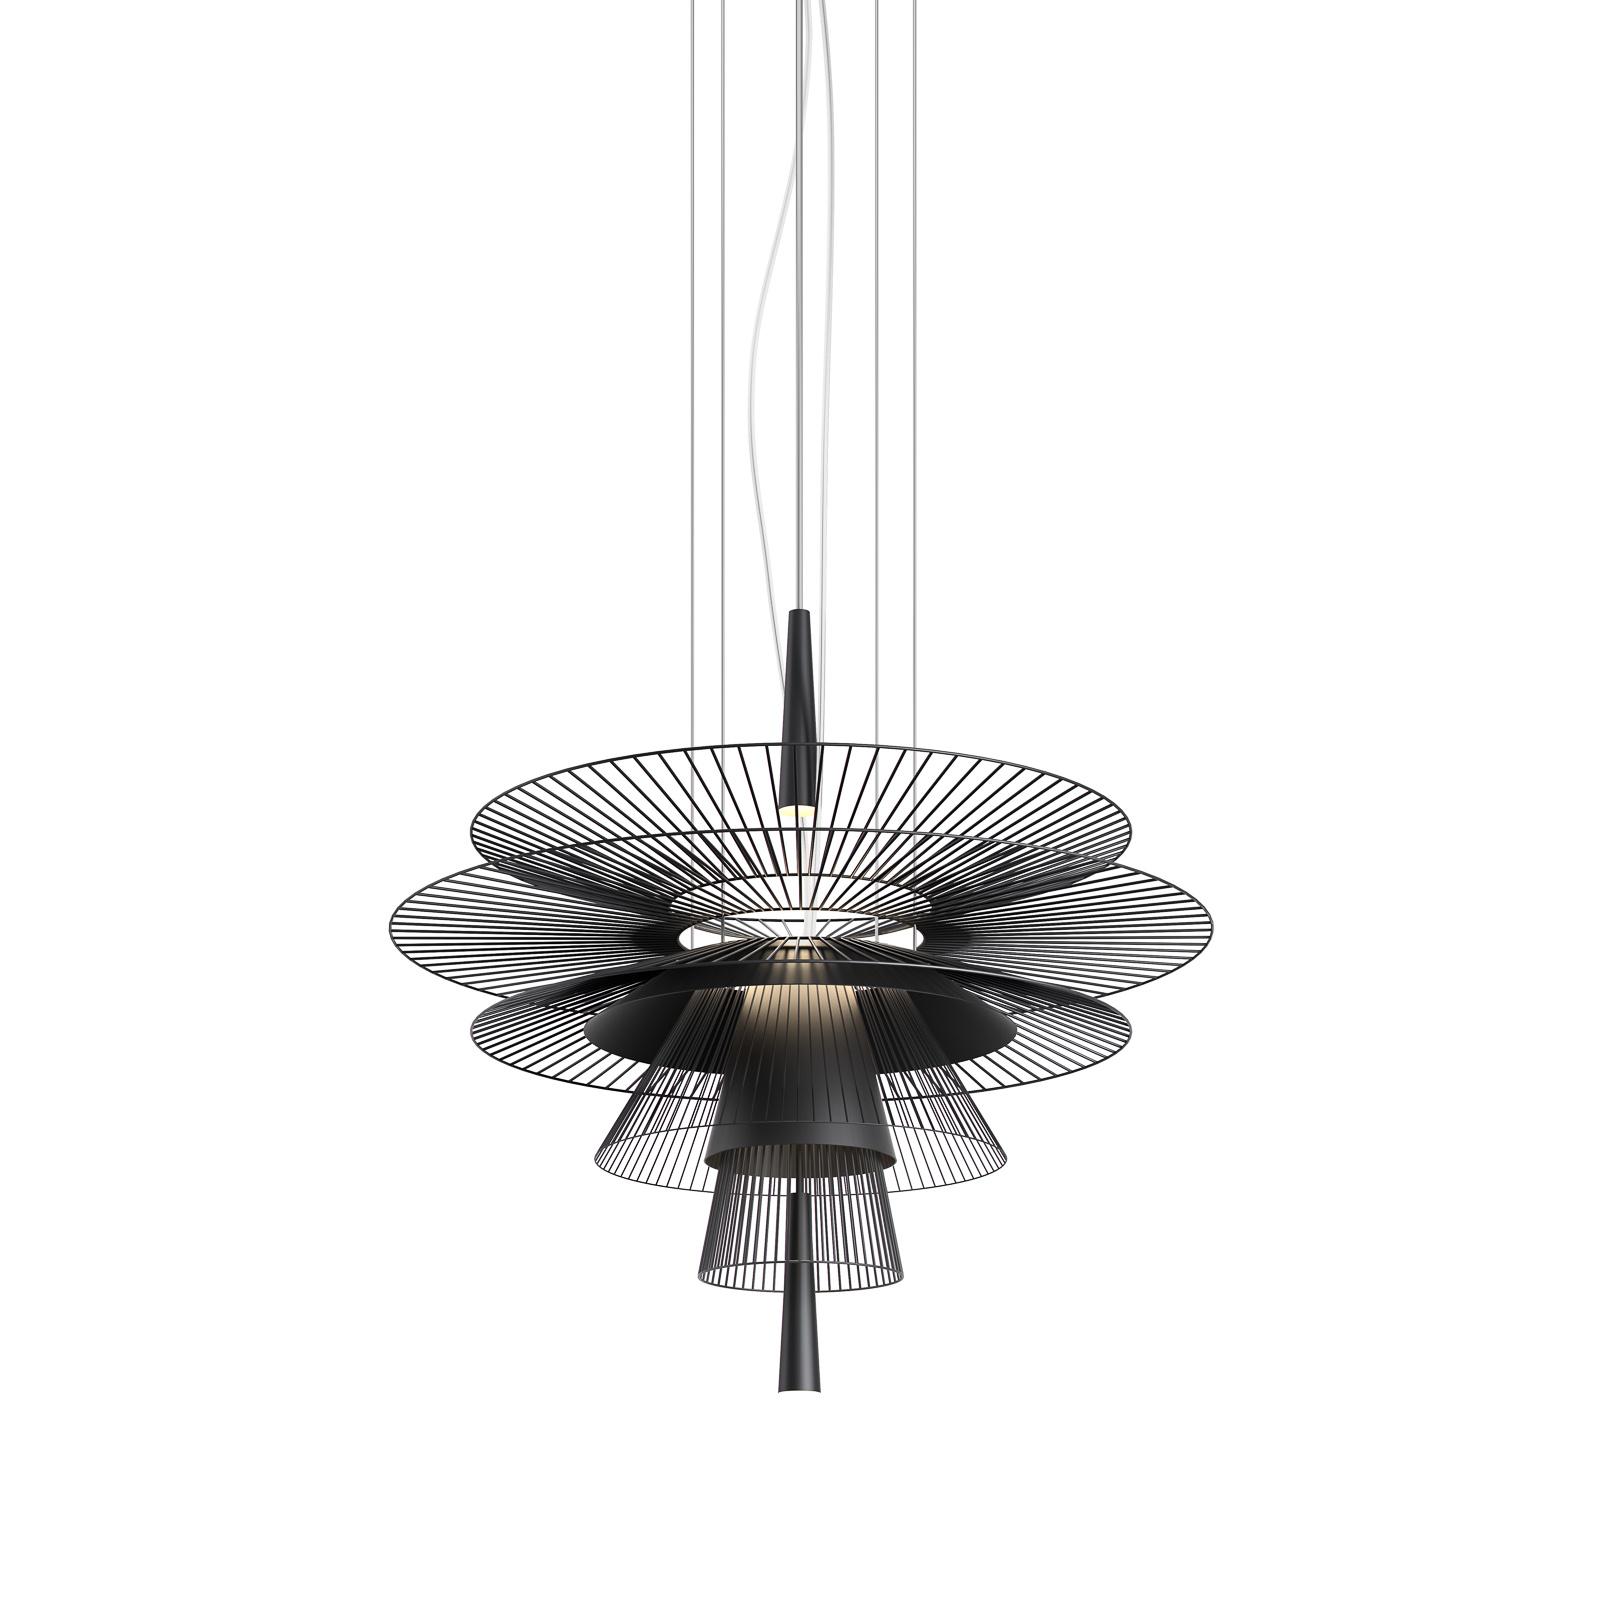 Forestier Gravity 1 hængelampe Ø68 cm sort